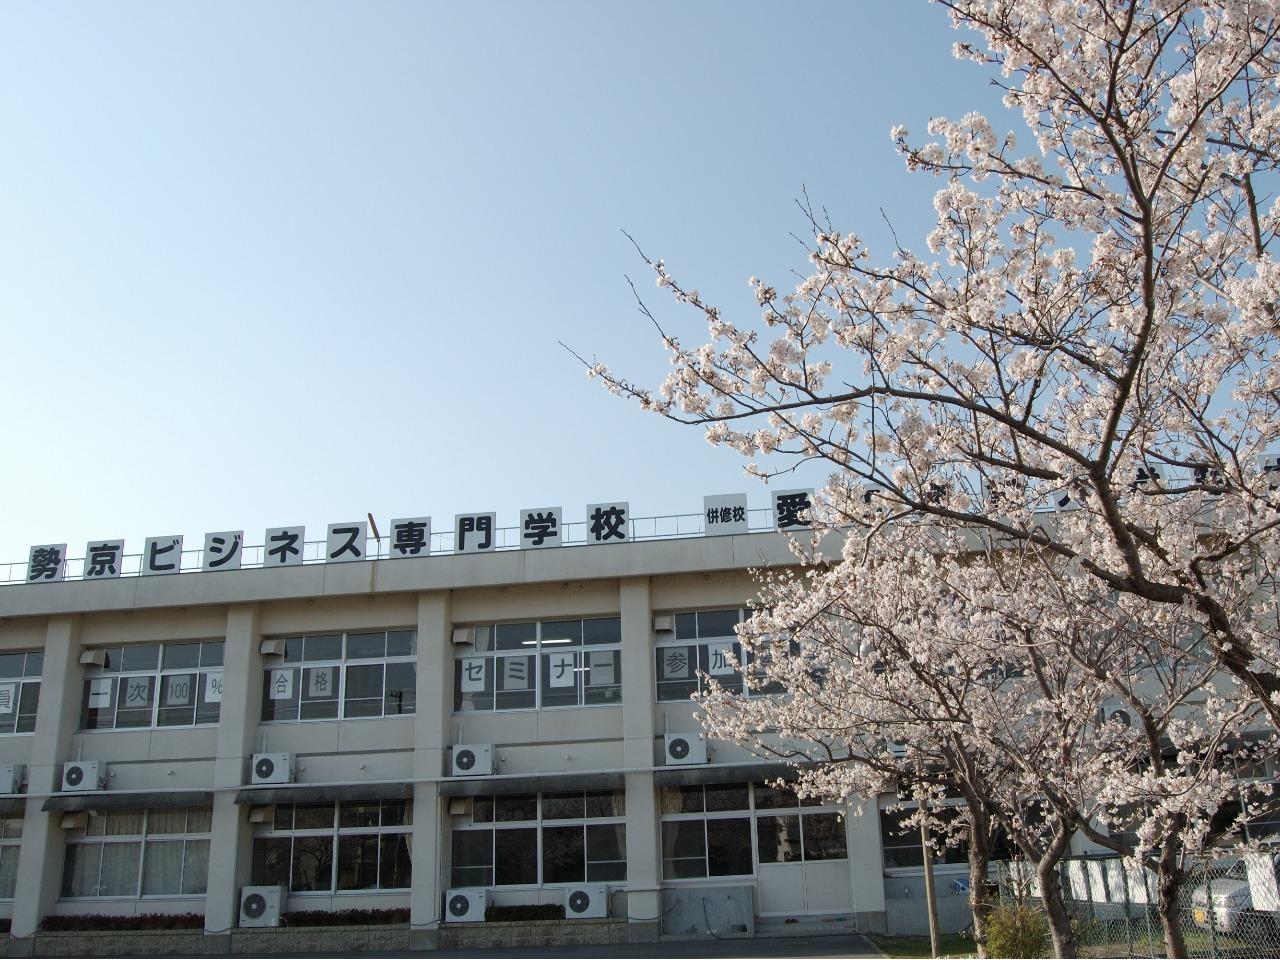 勢京ビジネス専門学校